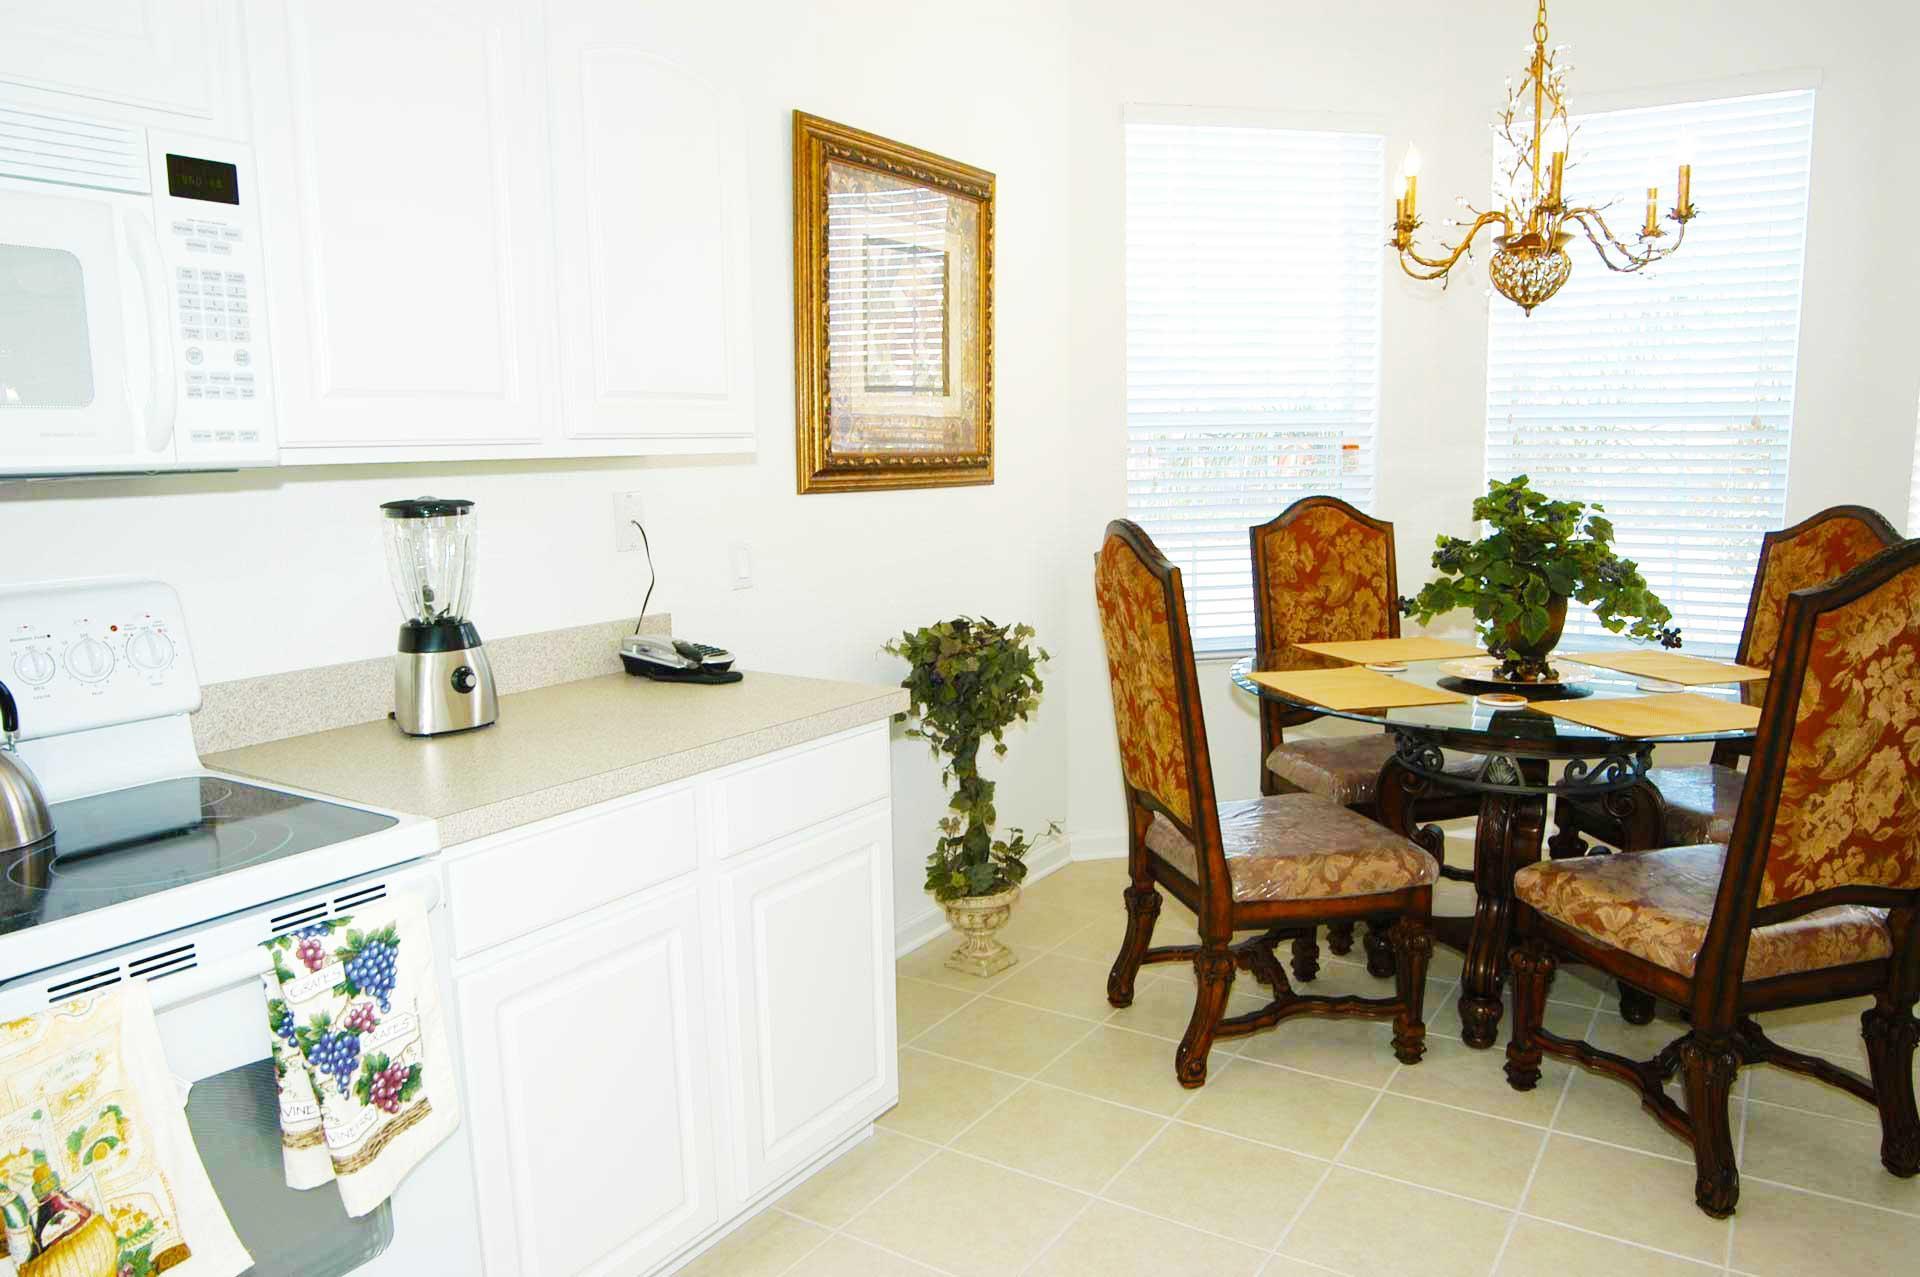 Kitchen and Breakfast Nook